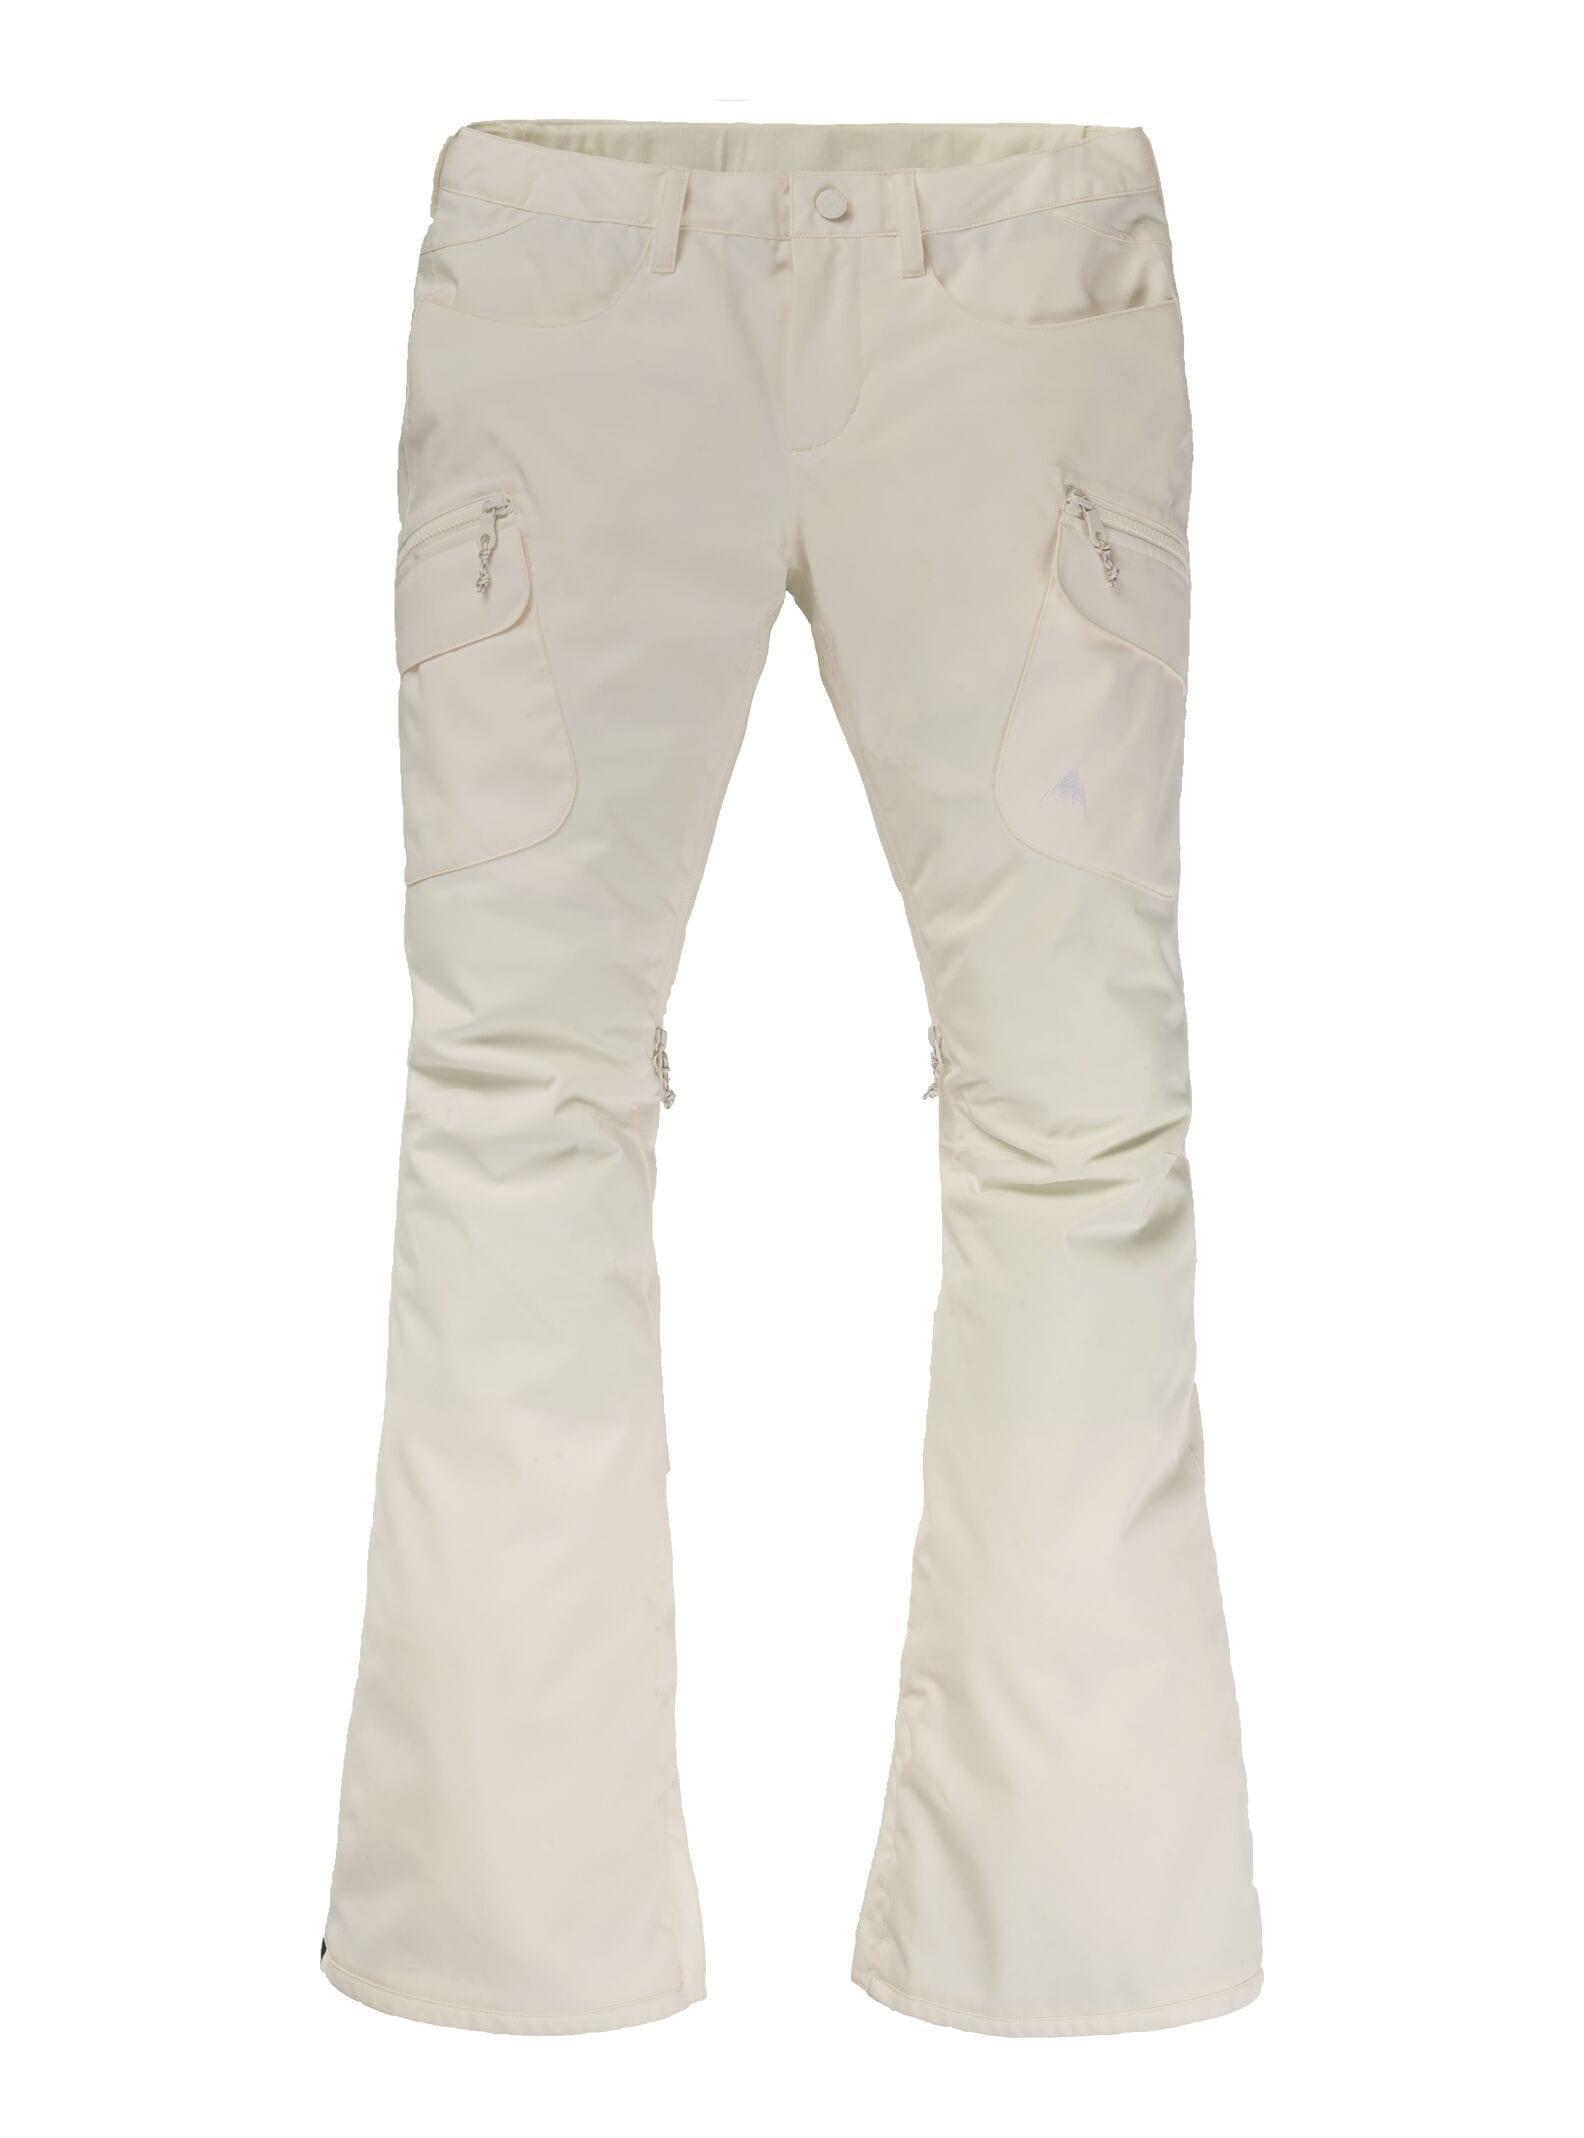 Burton gloria pant, white, 179.99